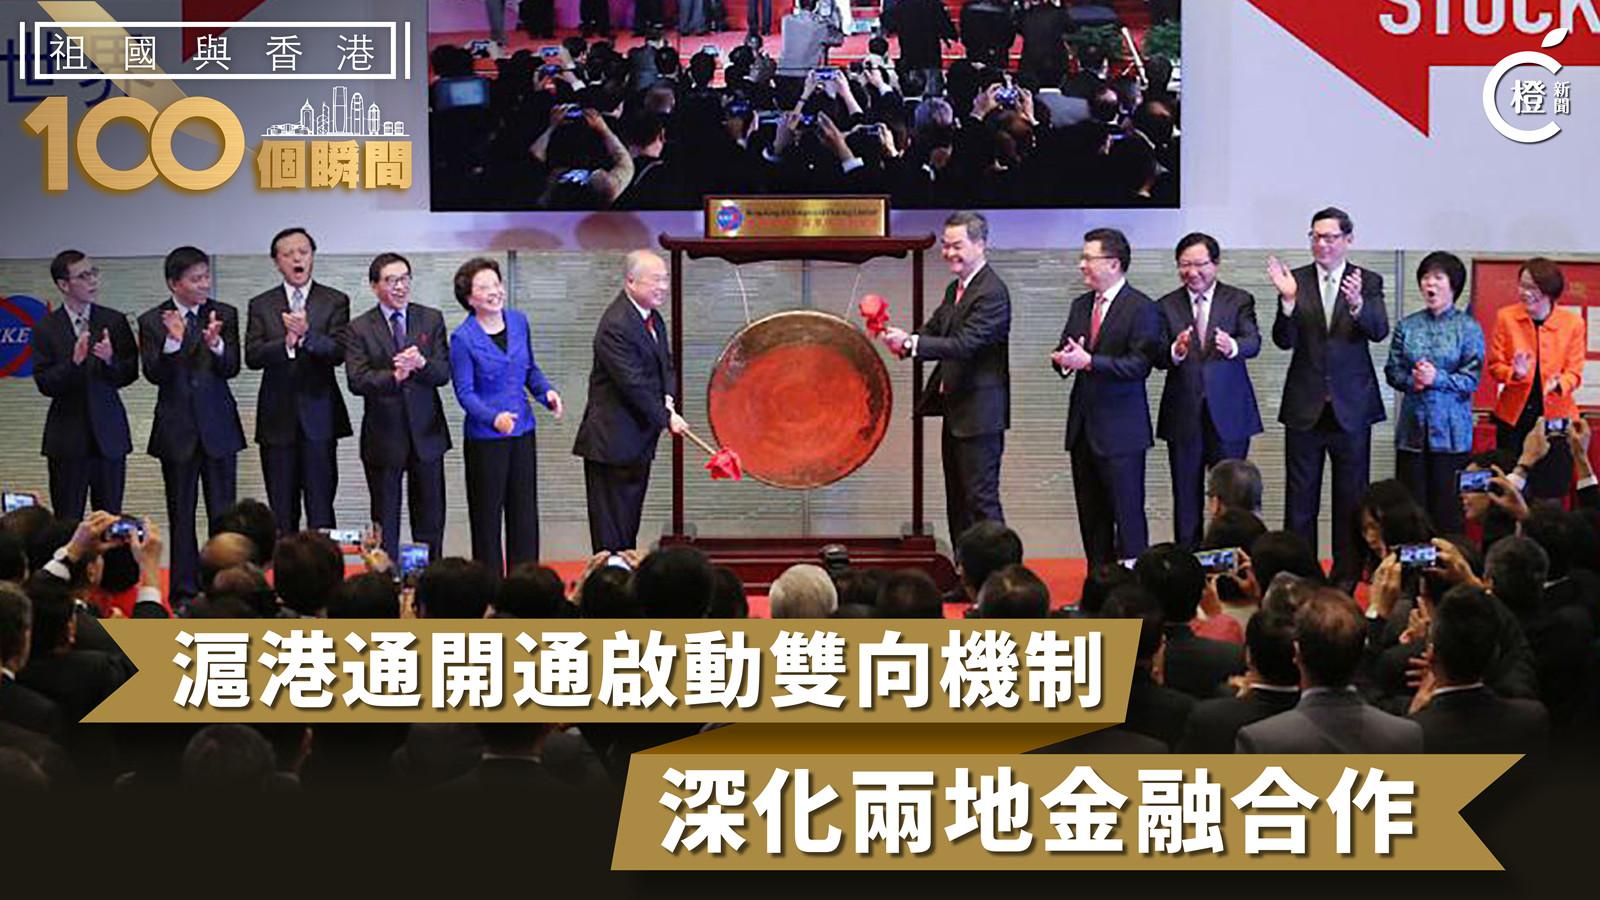 【祖國與香港100個瞬間】滬港通開通啟動雙向機制 深化兩地金融合作